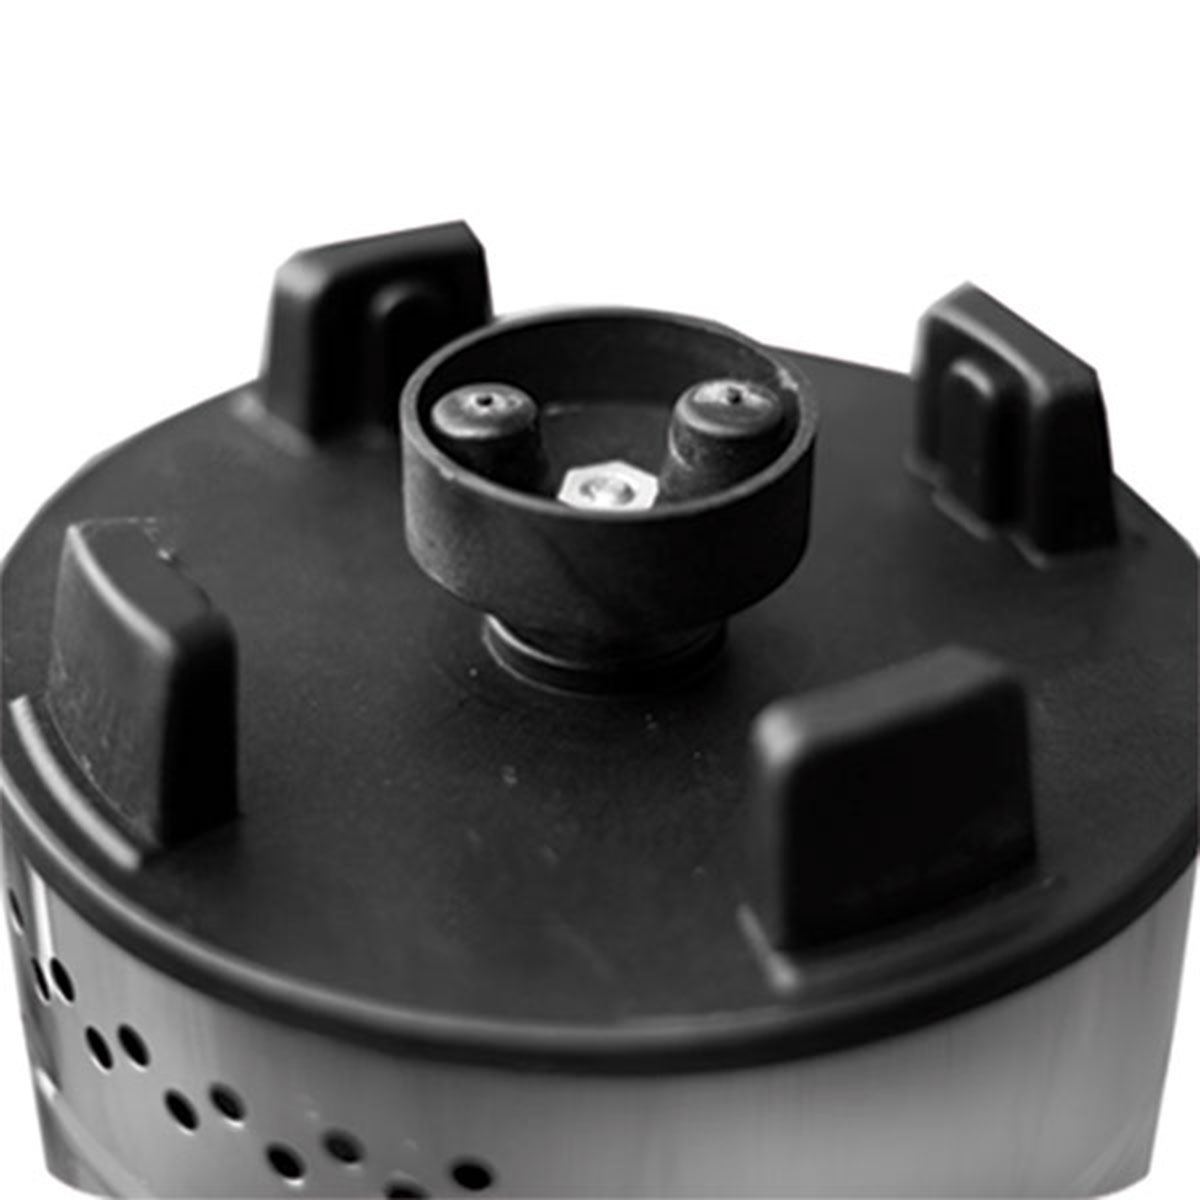 Liquidificador Industrial Attak 10 Litros Baixa Rotação Inox  - EKENOX- Equipamentos Industriais